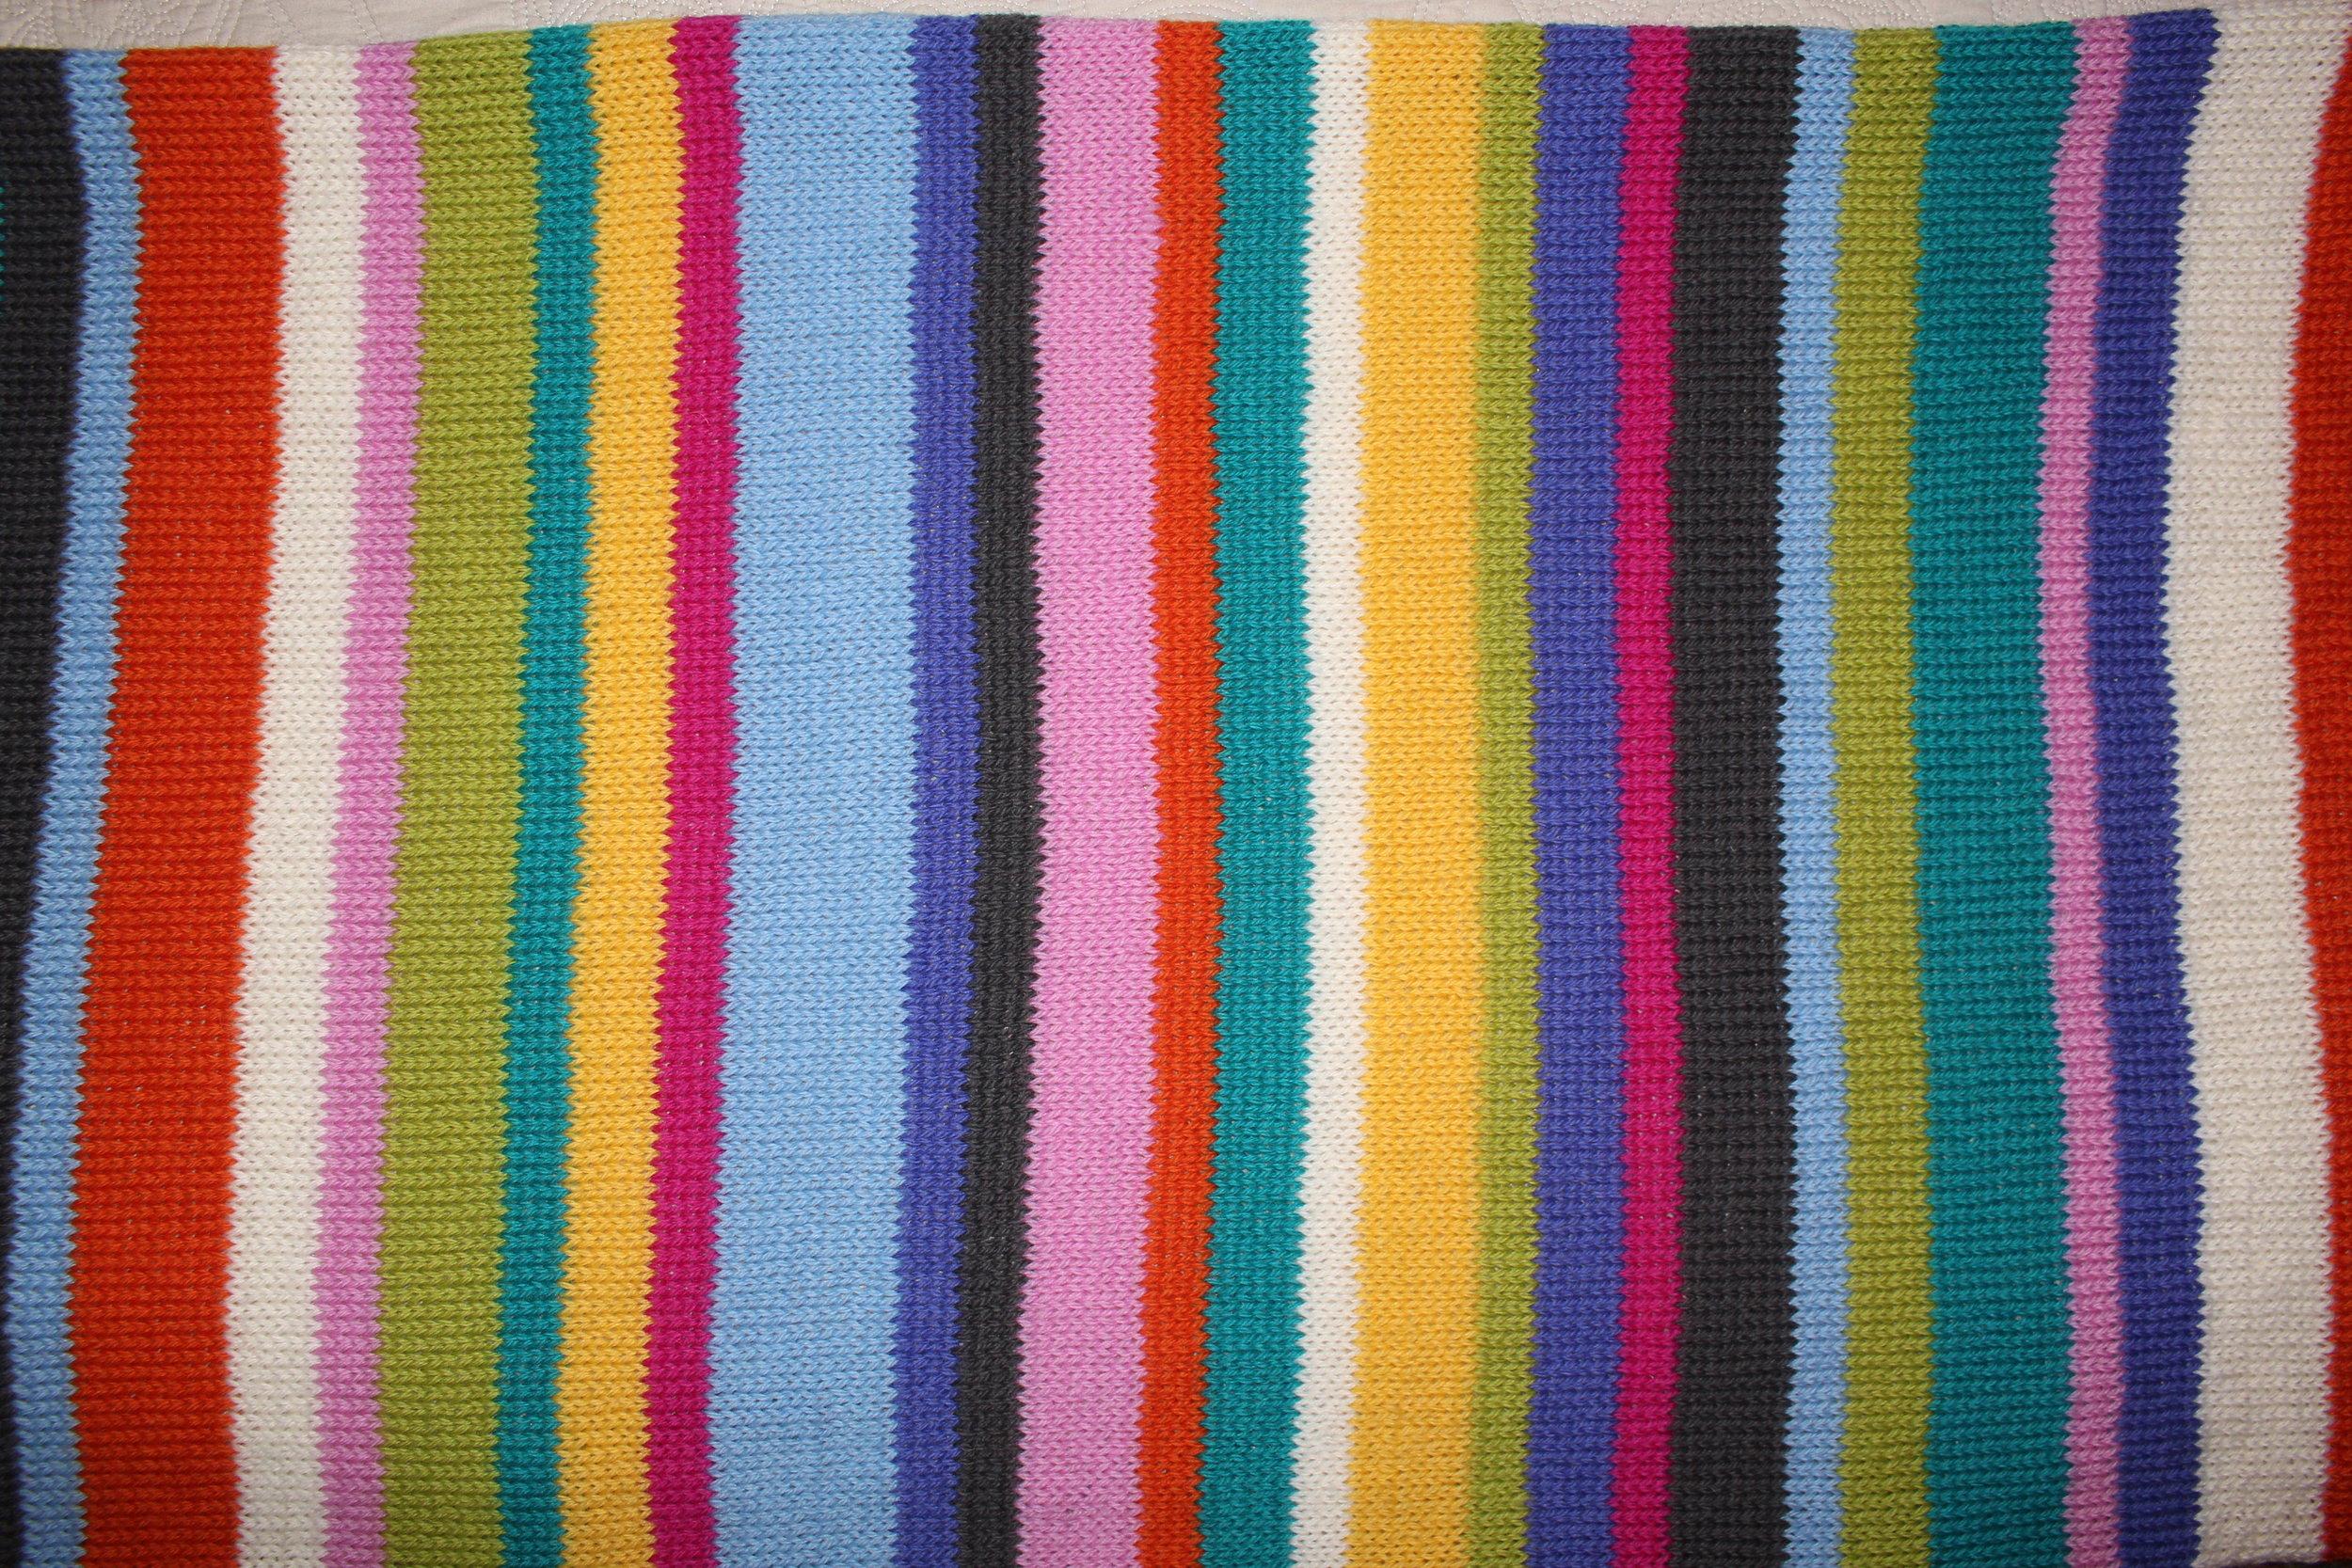 Start knitting in random stripes ...